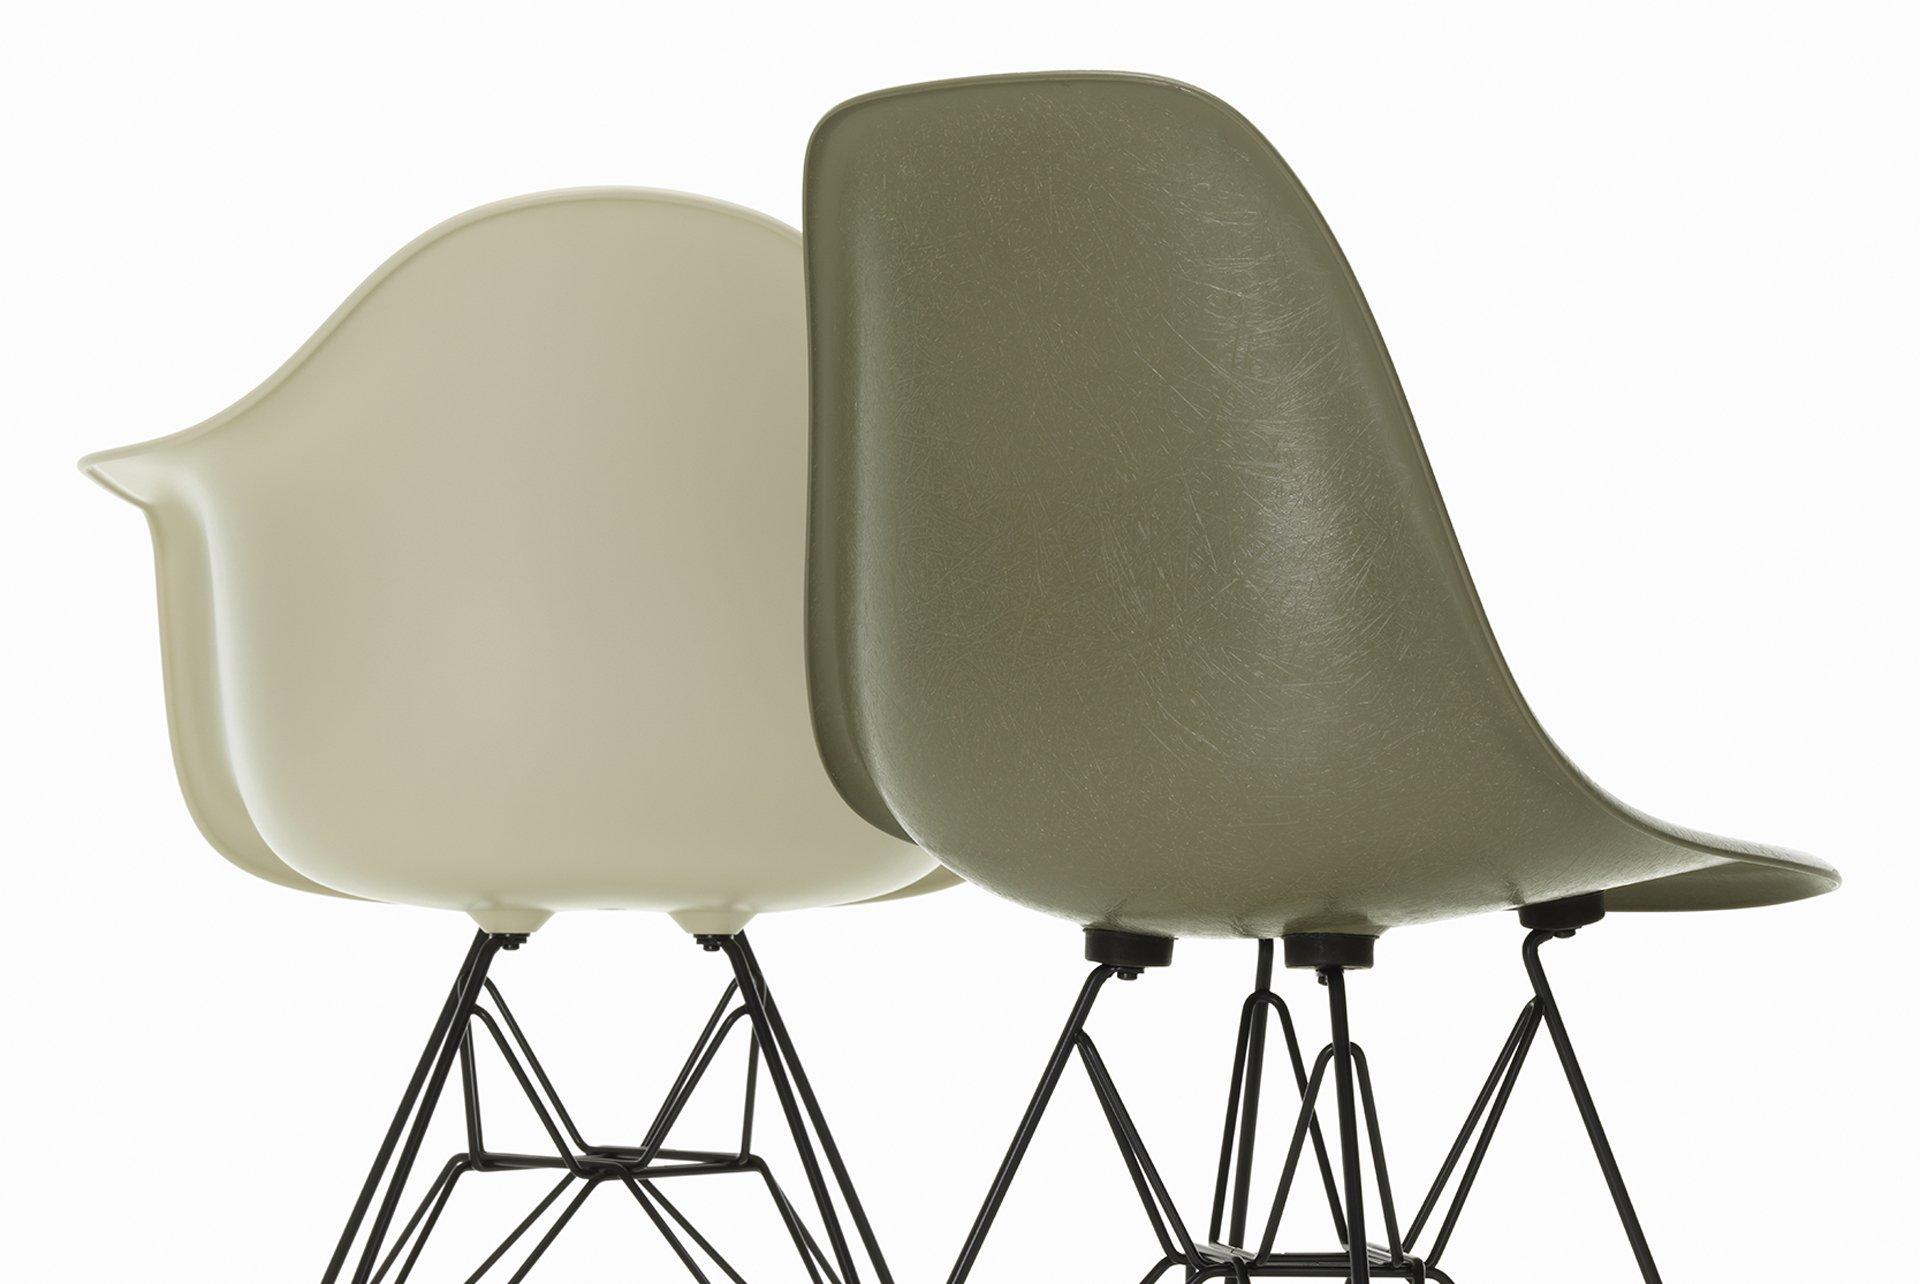 Eames Fiber Chair Detail